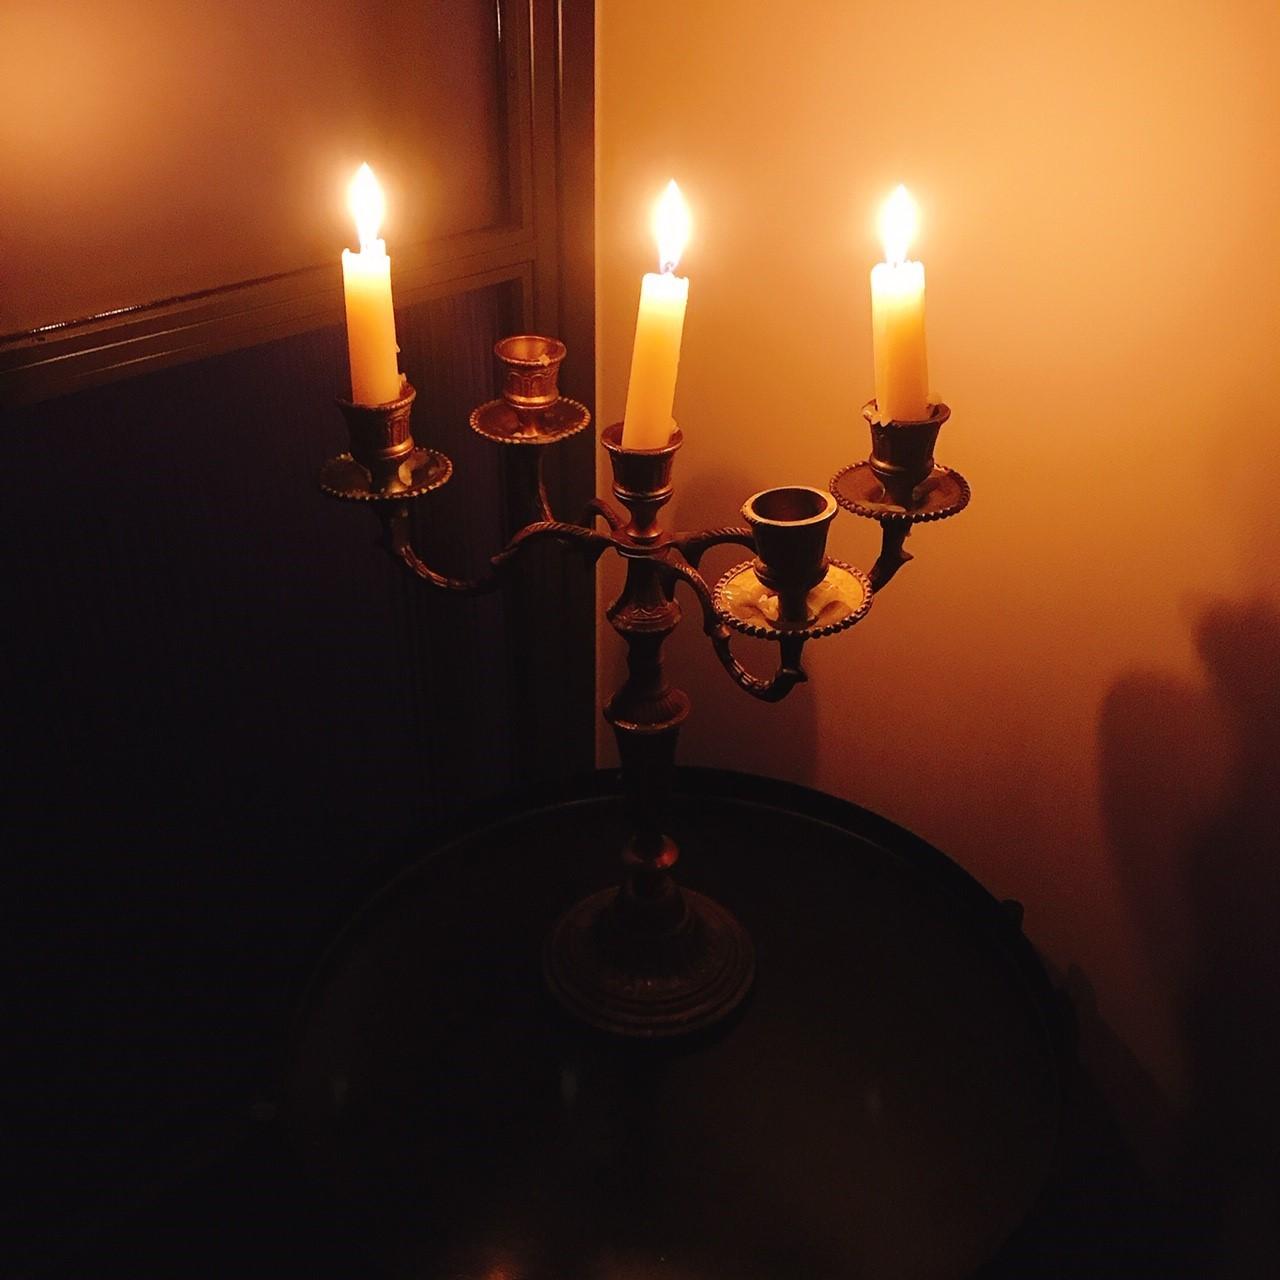 キャンドルの明かりの中で受けるマッサージはリラックス効果満点